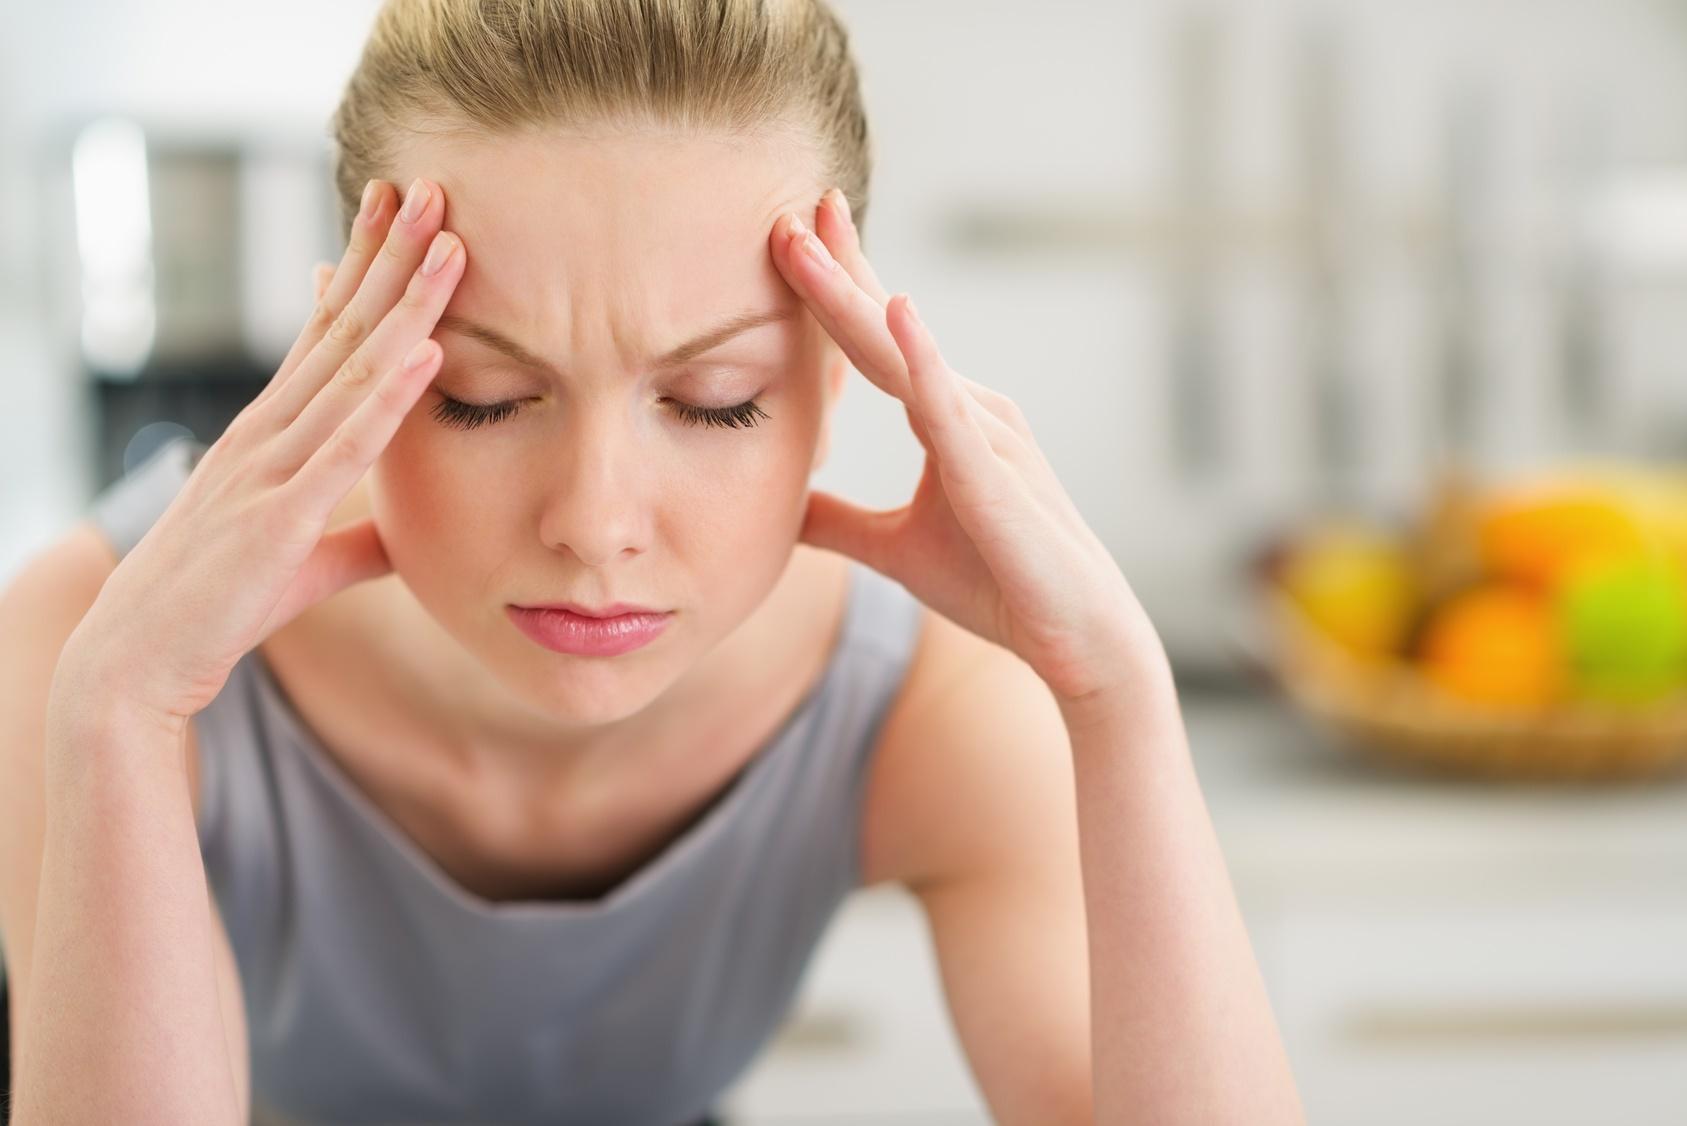 Enxaqueca não é uma simples dor de cabeça